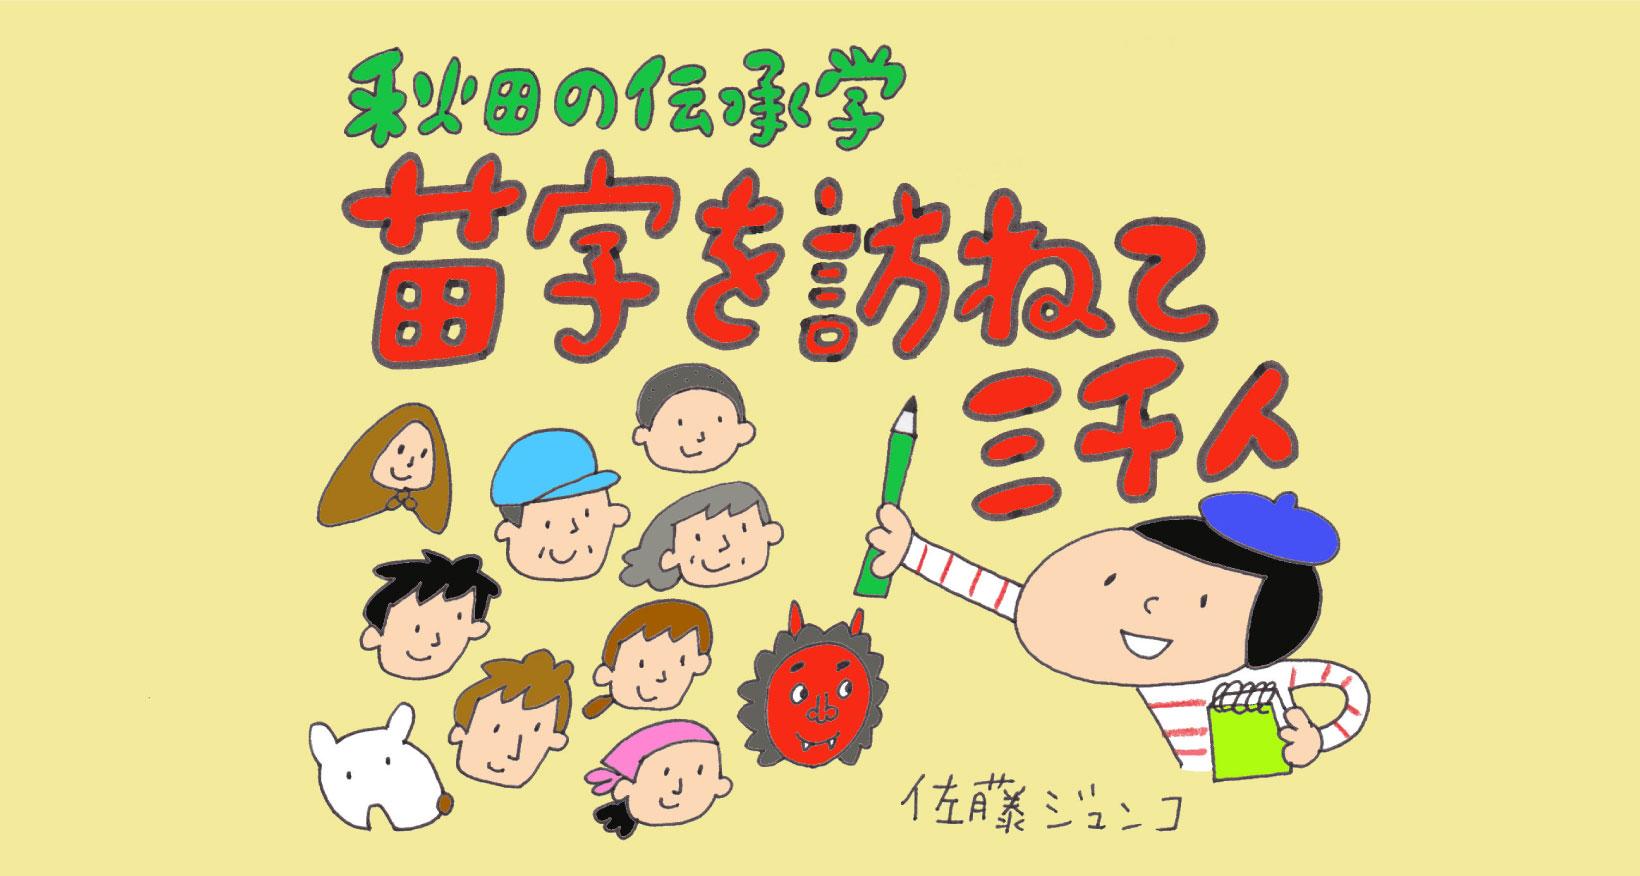 秋田の伝承学 苗字を訪ねて三千人